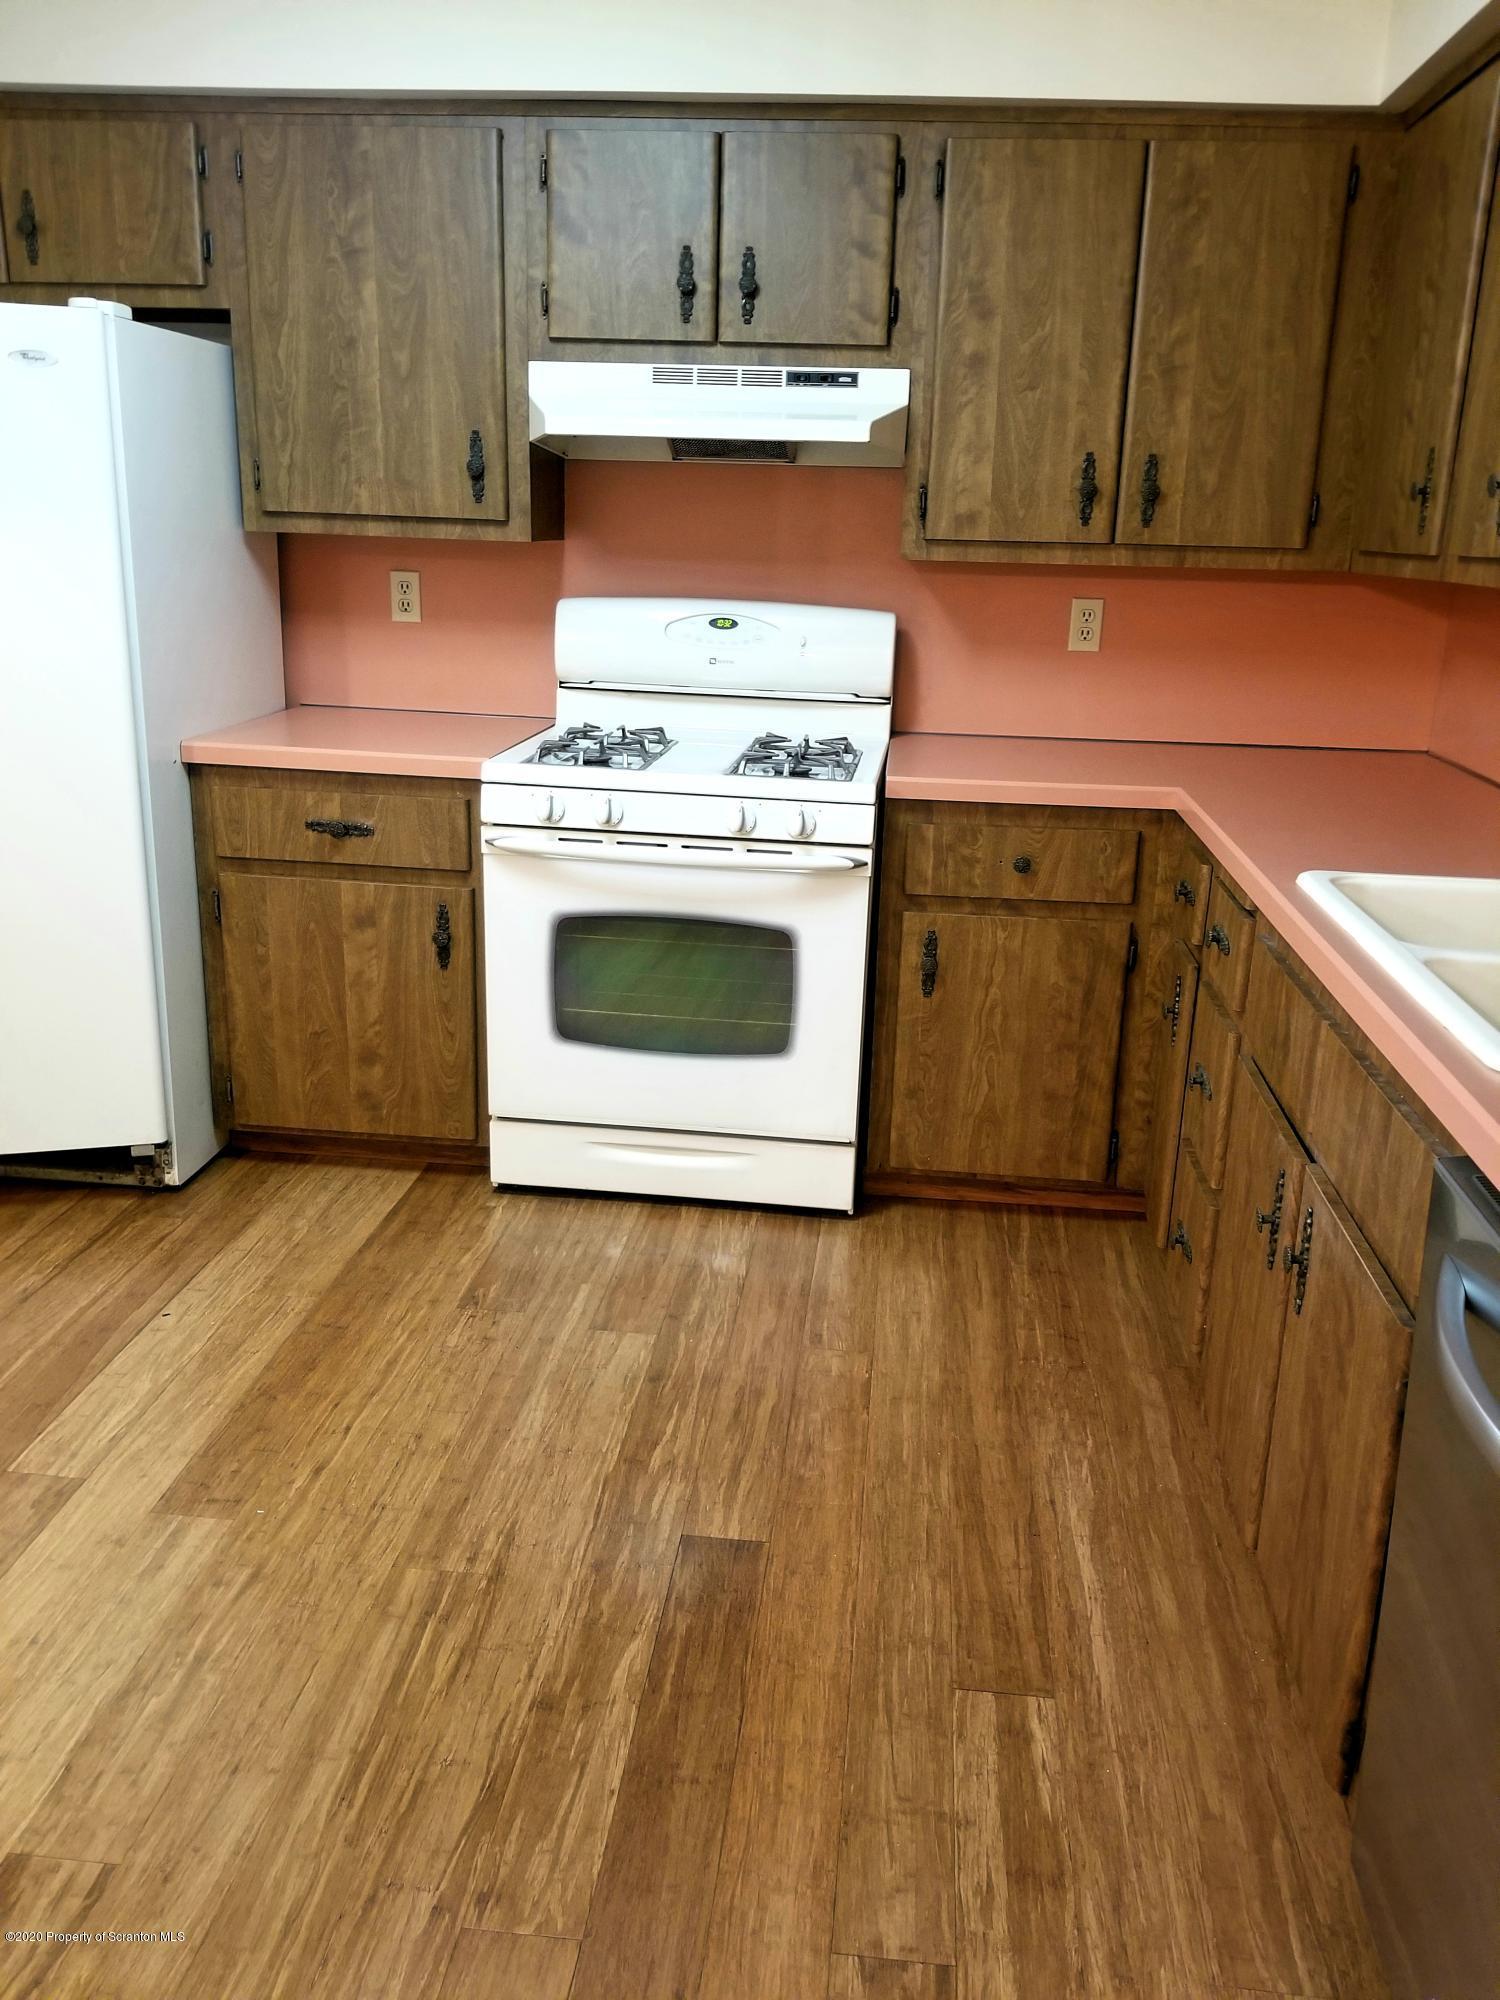 727 Beechwood Dr, Dickson City, Pennsylvania 18519, 4 Bedrooms Bedrooms, 8 Rooms Rooms,2 BathroomsBathrooms,Single Family,For Sale,Beechwood,20-446